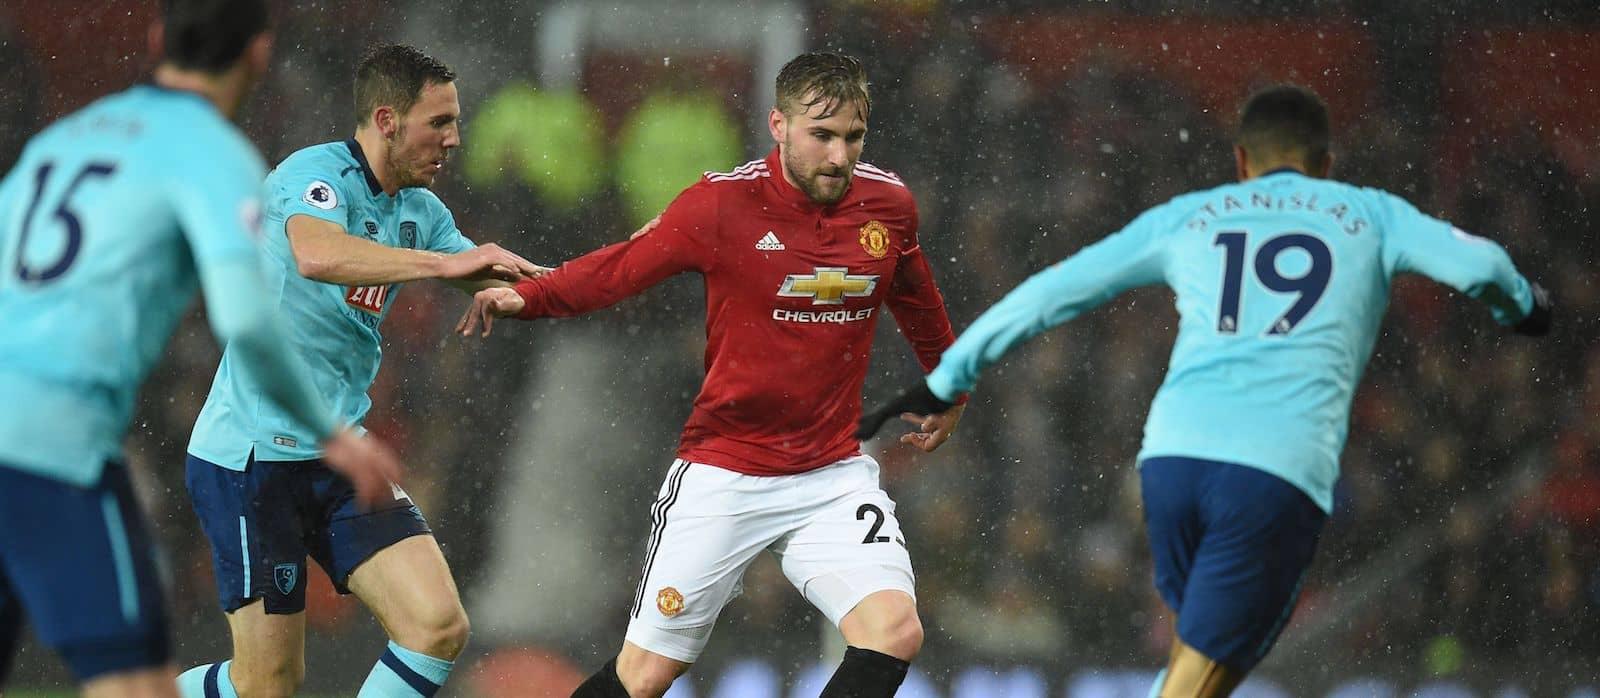 Luke Shaw: No one really sees how Jose Mourinho truly treats me